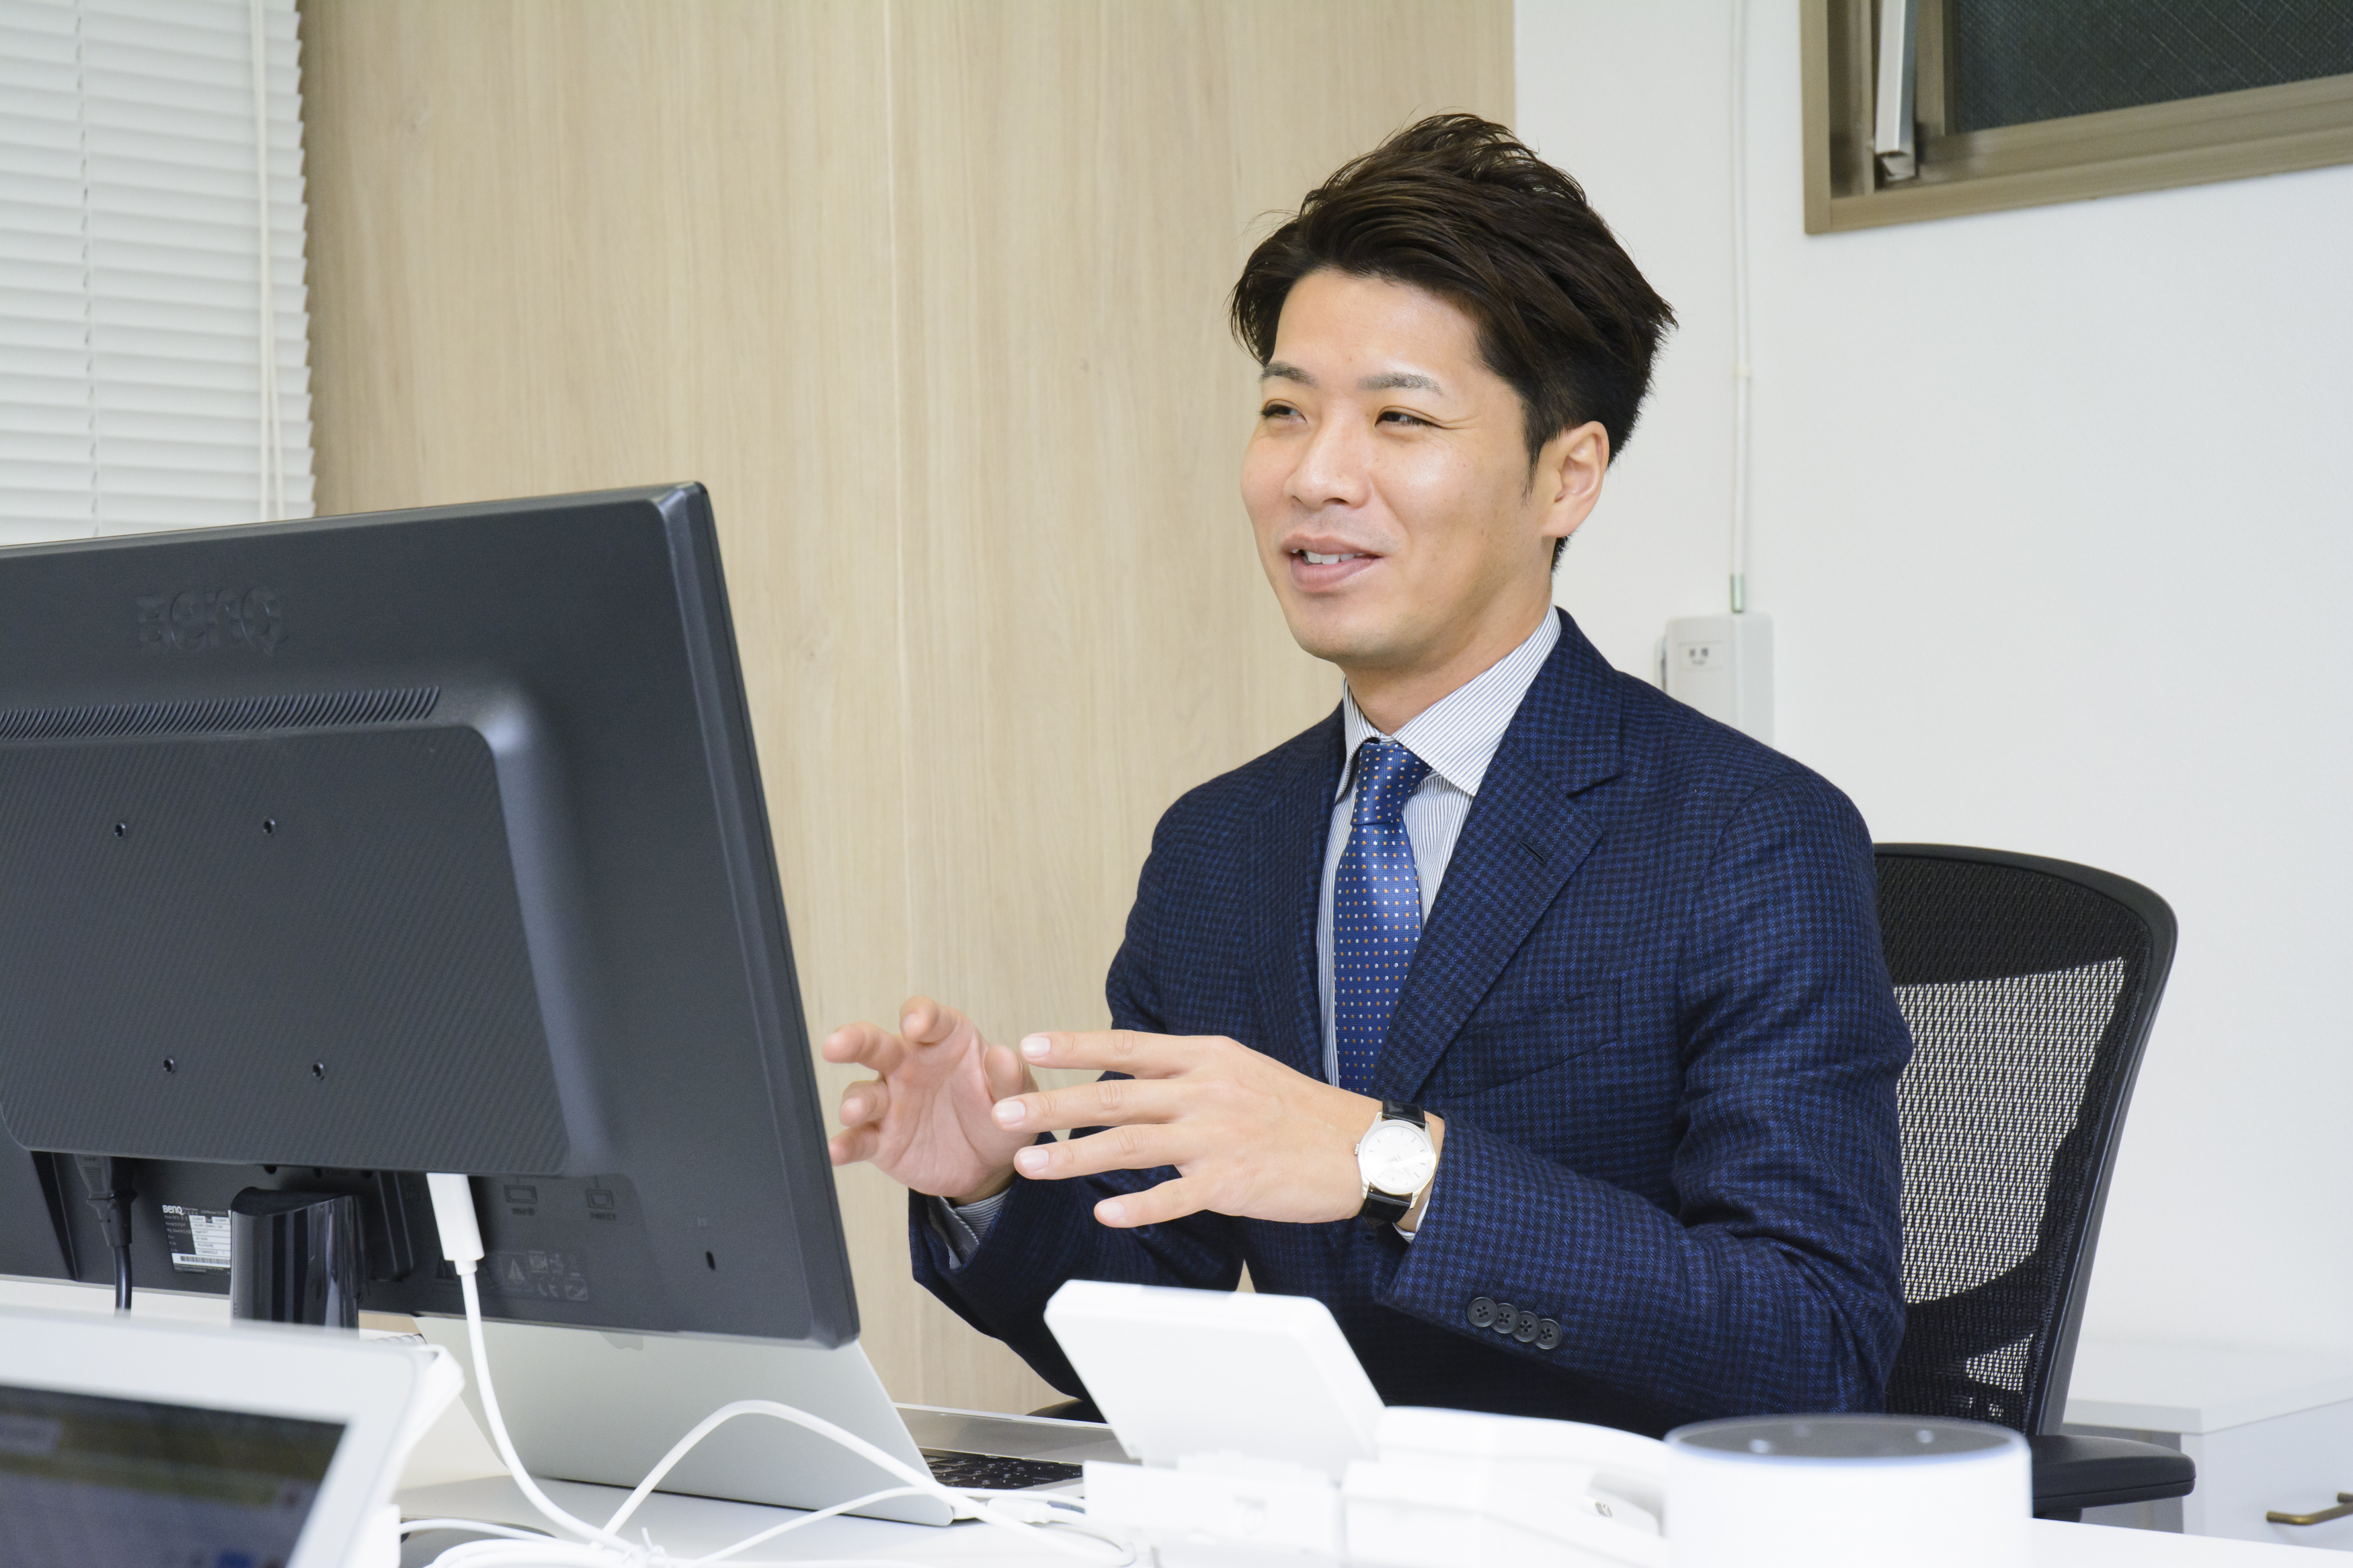 日本一のアプリを作った会社の社長のもとで働ける!